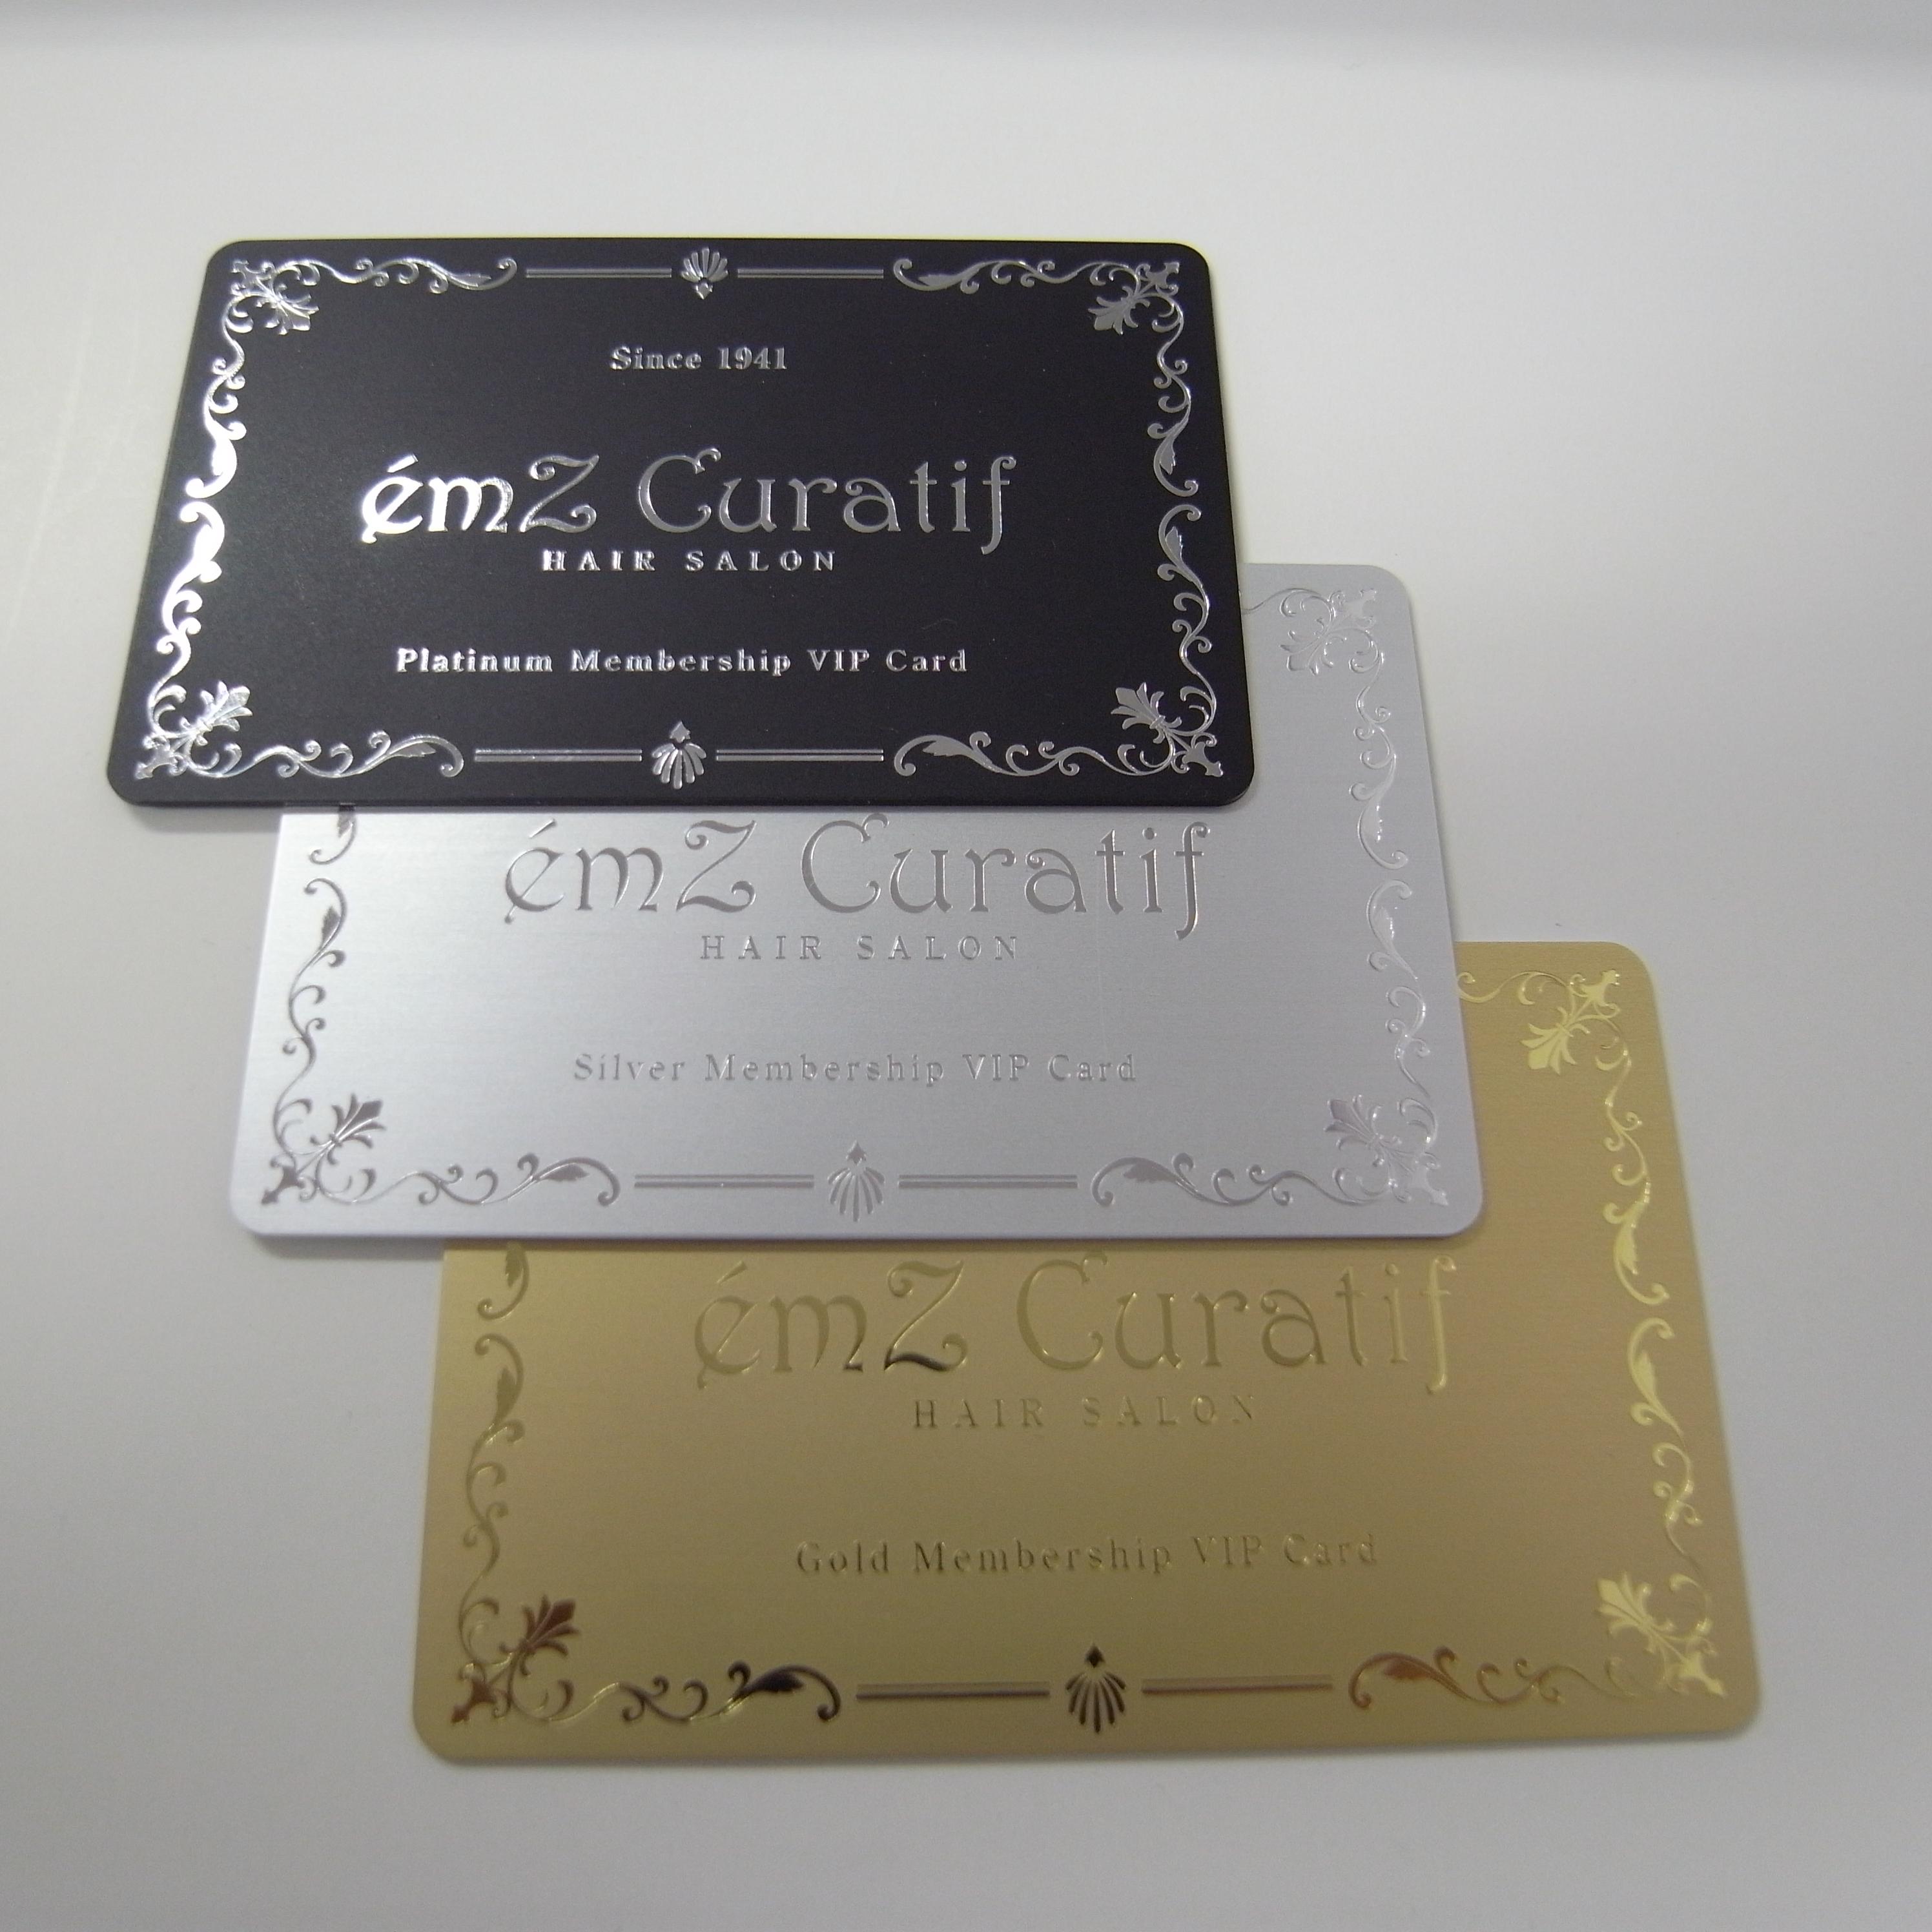 エムズ・キュラティフ会員カード表